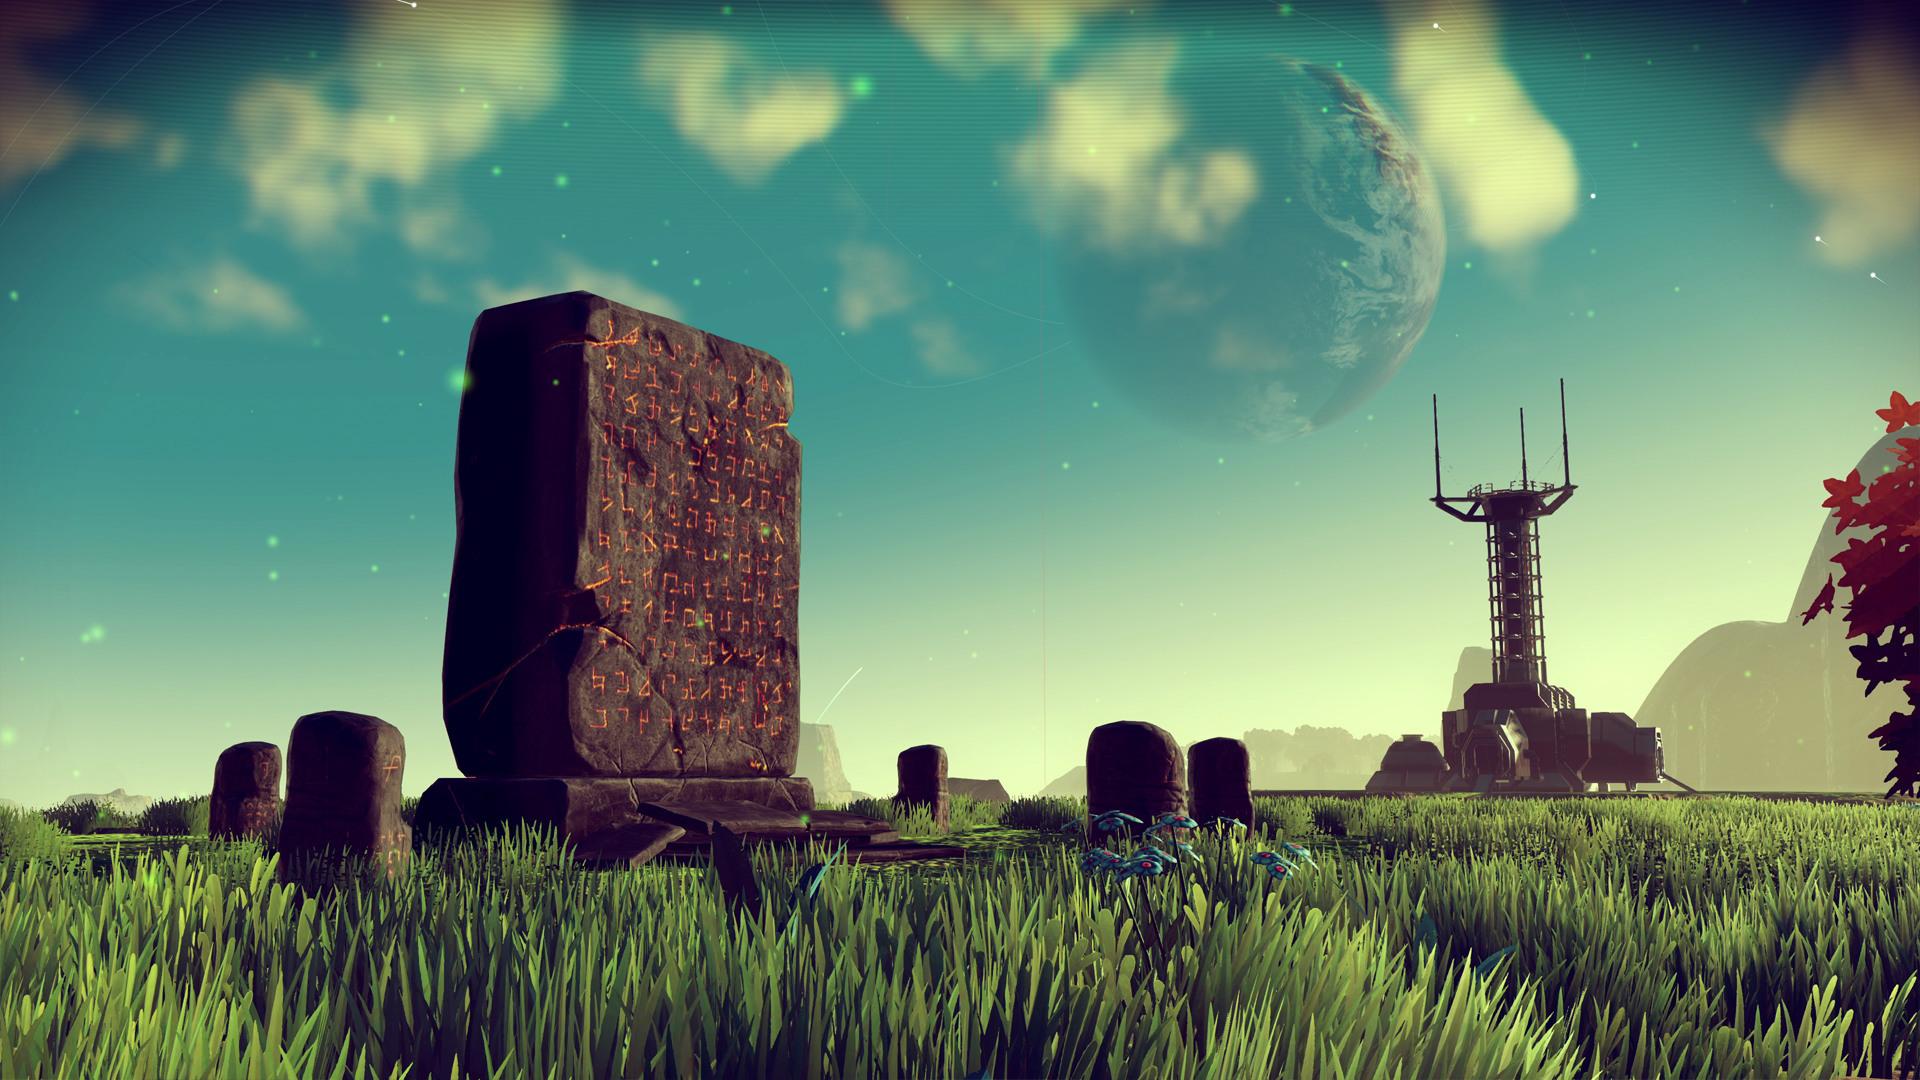 前Xbox社区经理称《无人深空》游戏乏味